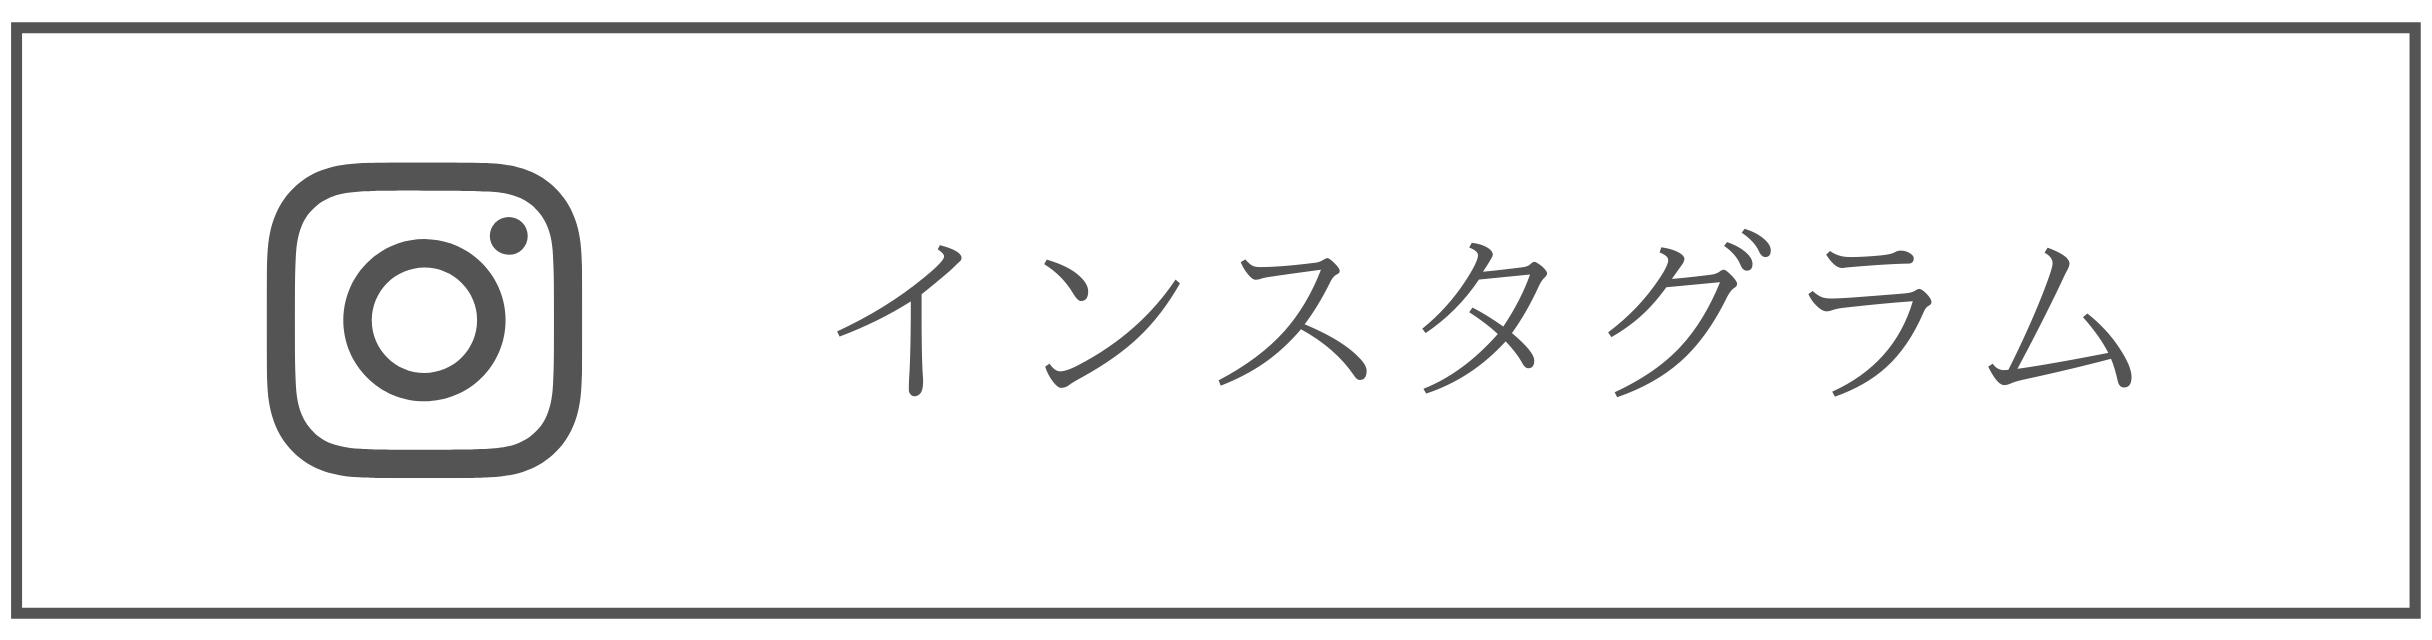 名古屋グルーデコ教室prunelle(プリュネル)のインスタ